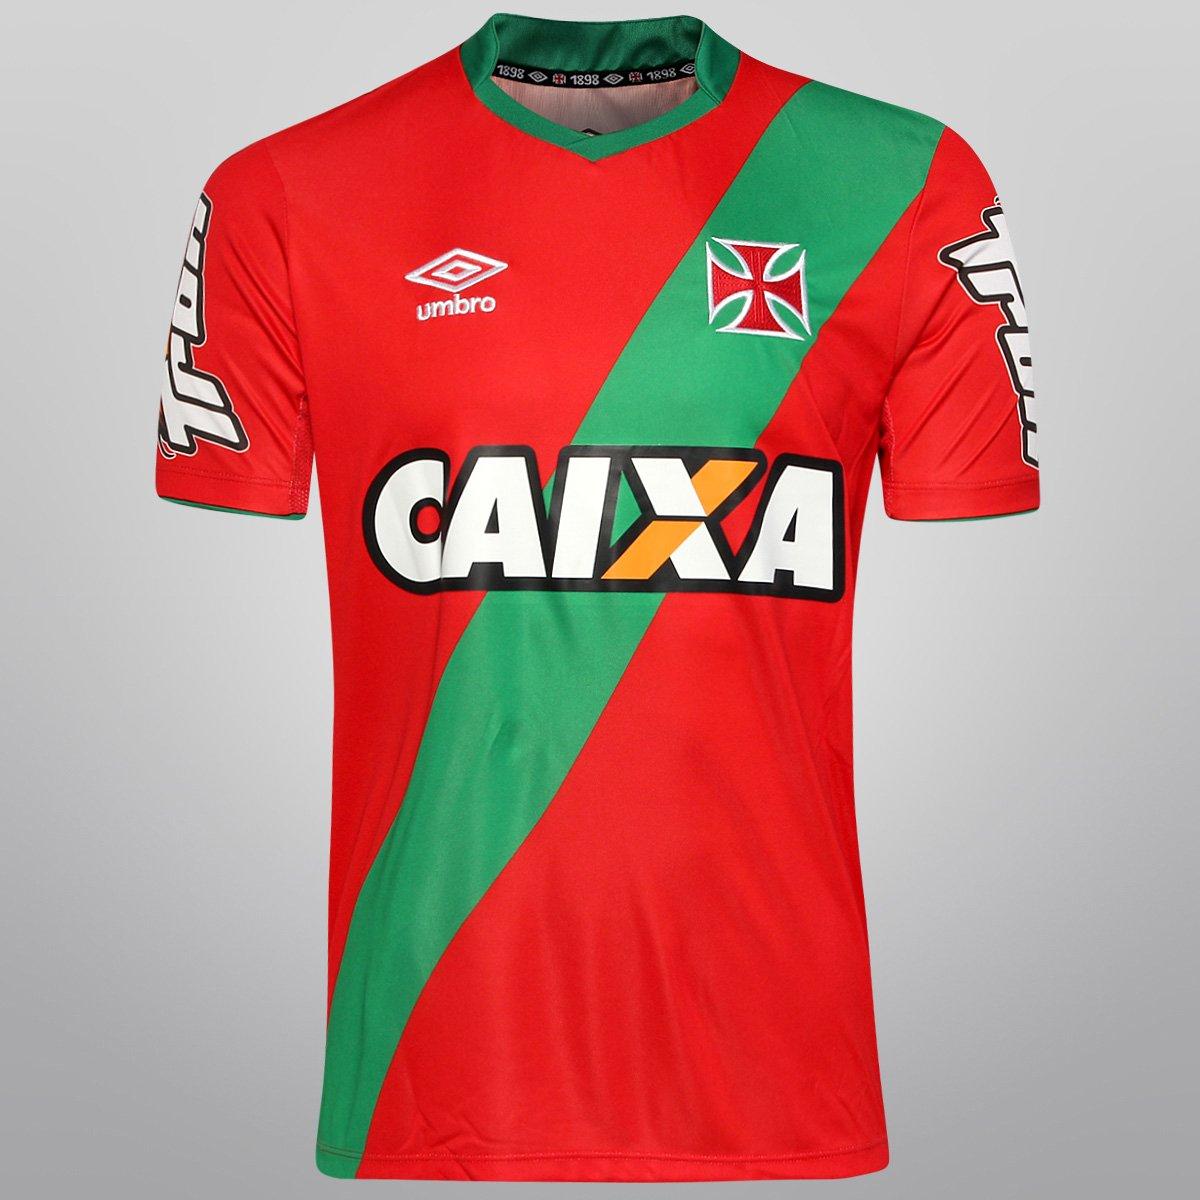 Camisa Vasco Goleiro 2014 nº 1 M C Torcedor Umbro Masculina - Compre Agora   001694ff9afc8